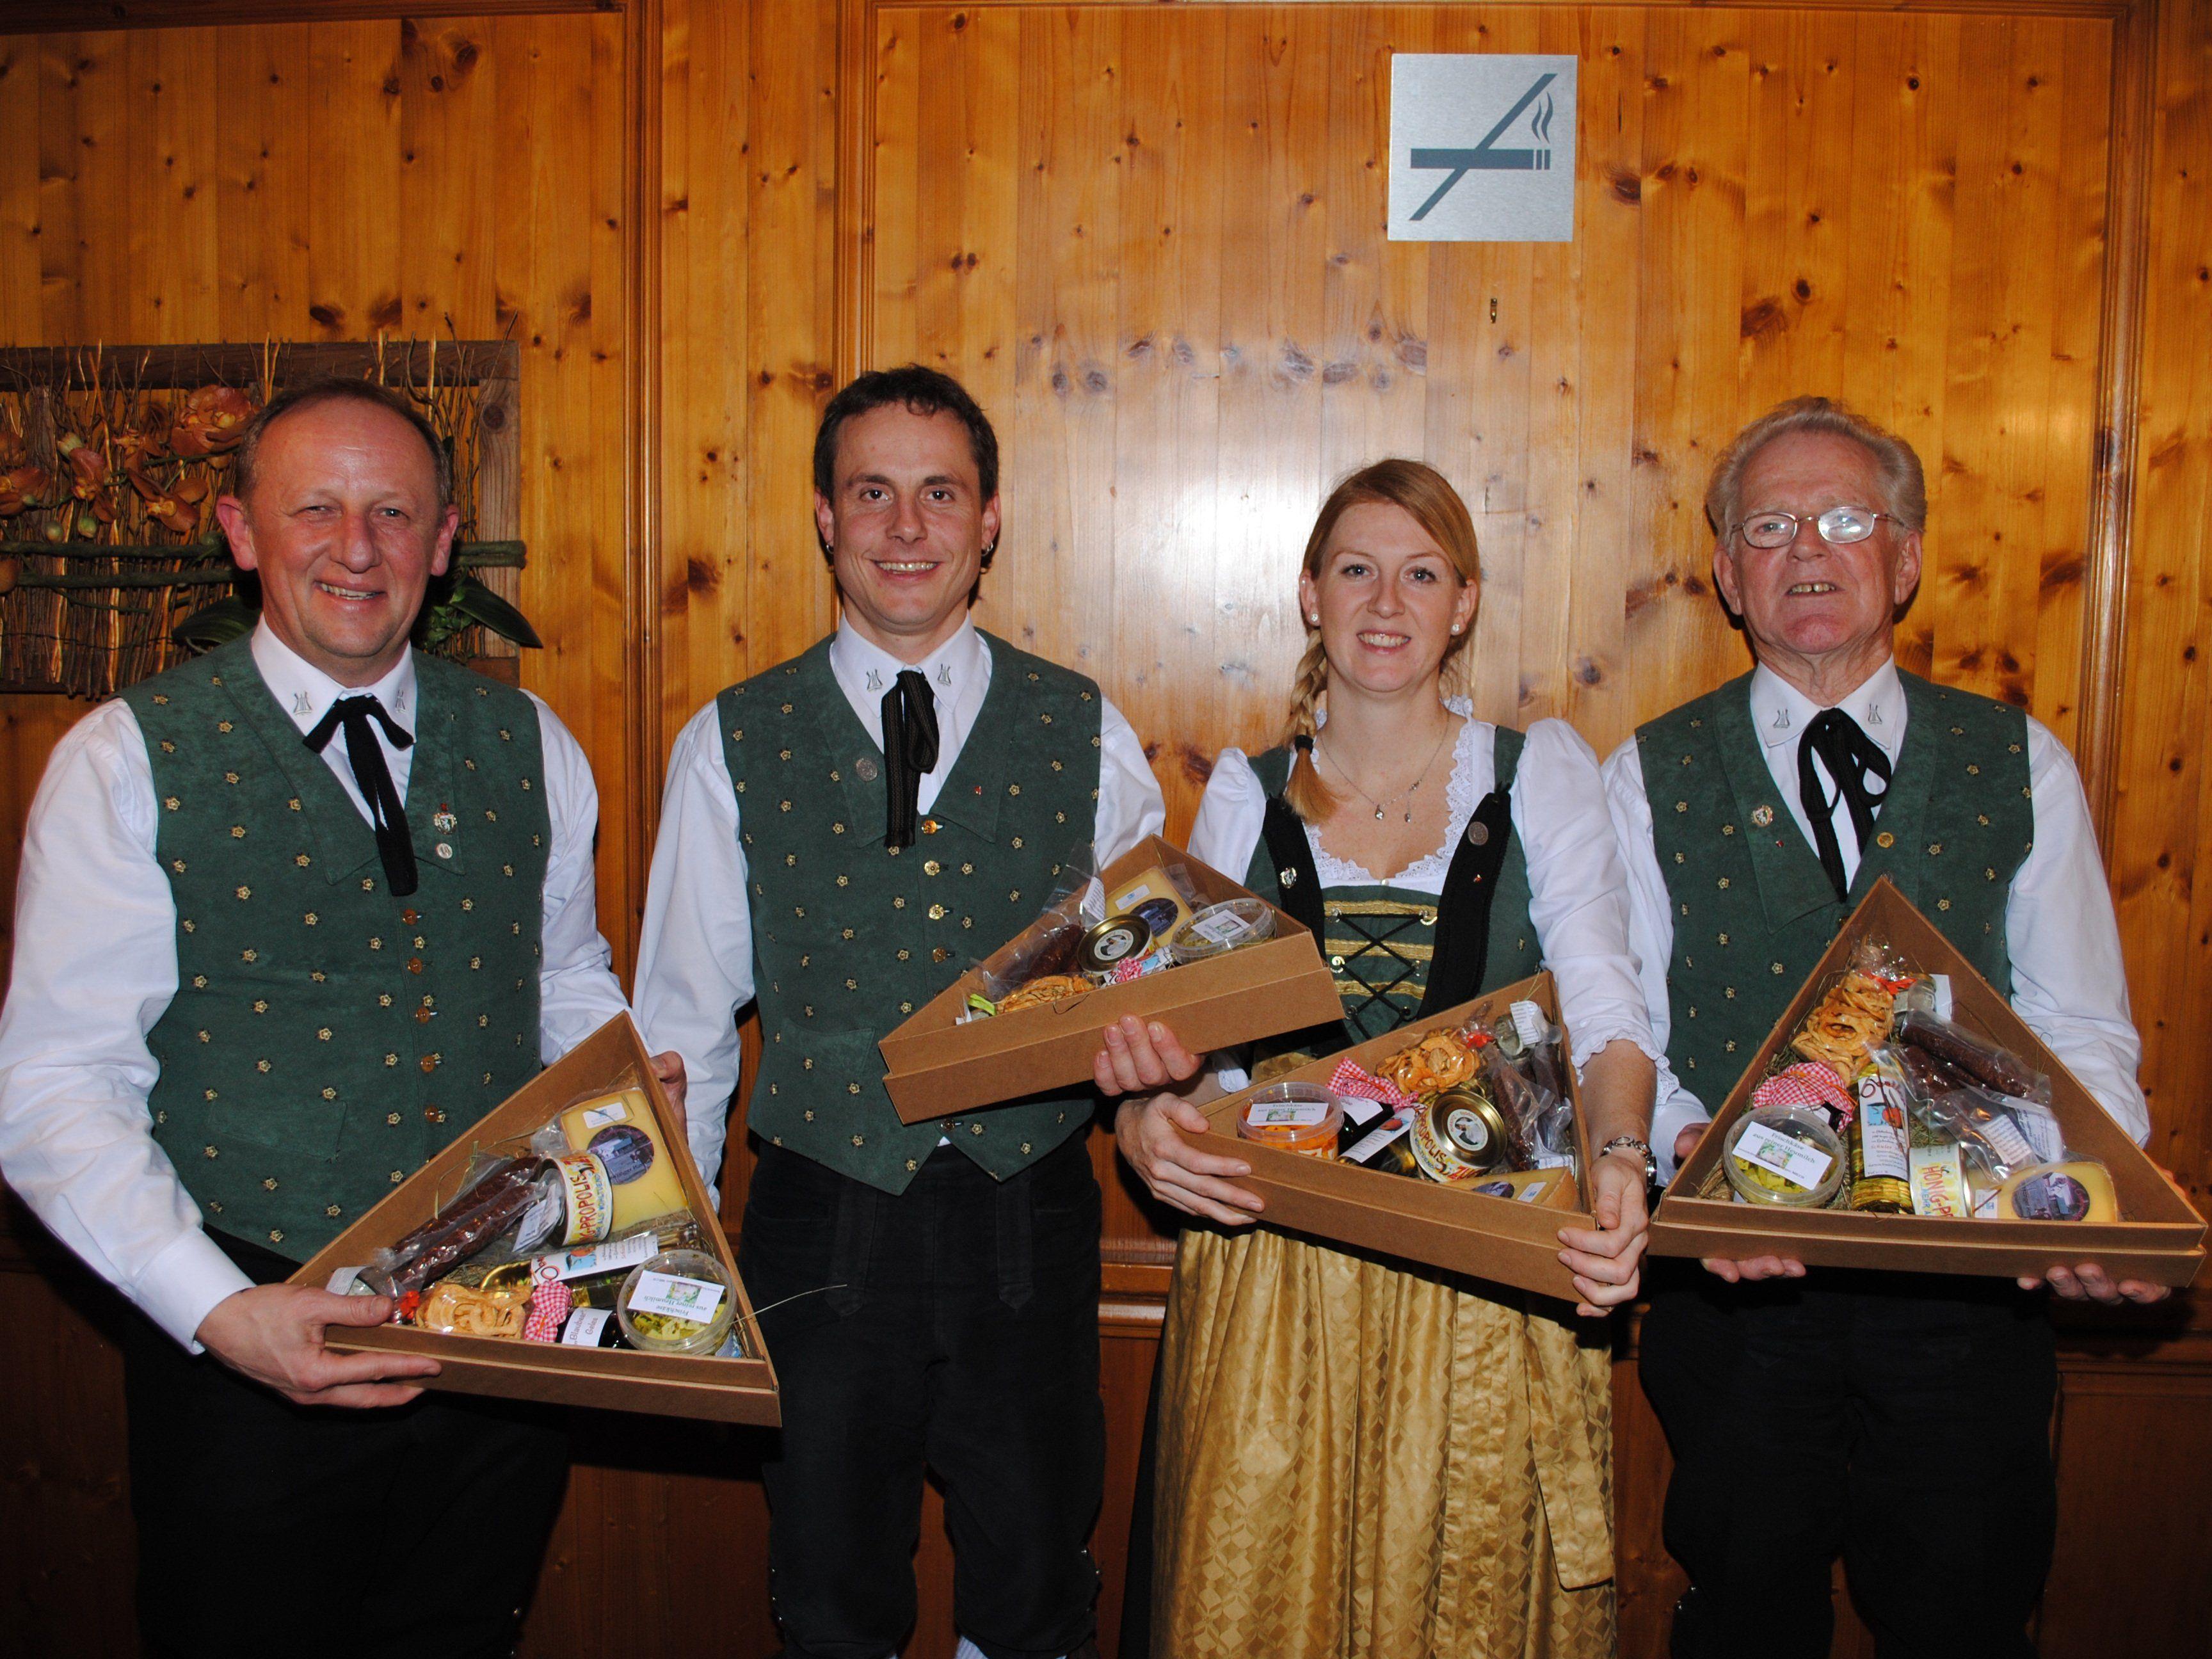 v.li.: Bertram Luger, Thomas Dünser, Cornelia Walch und Edmund Jenny wurden vom Verein geehrt